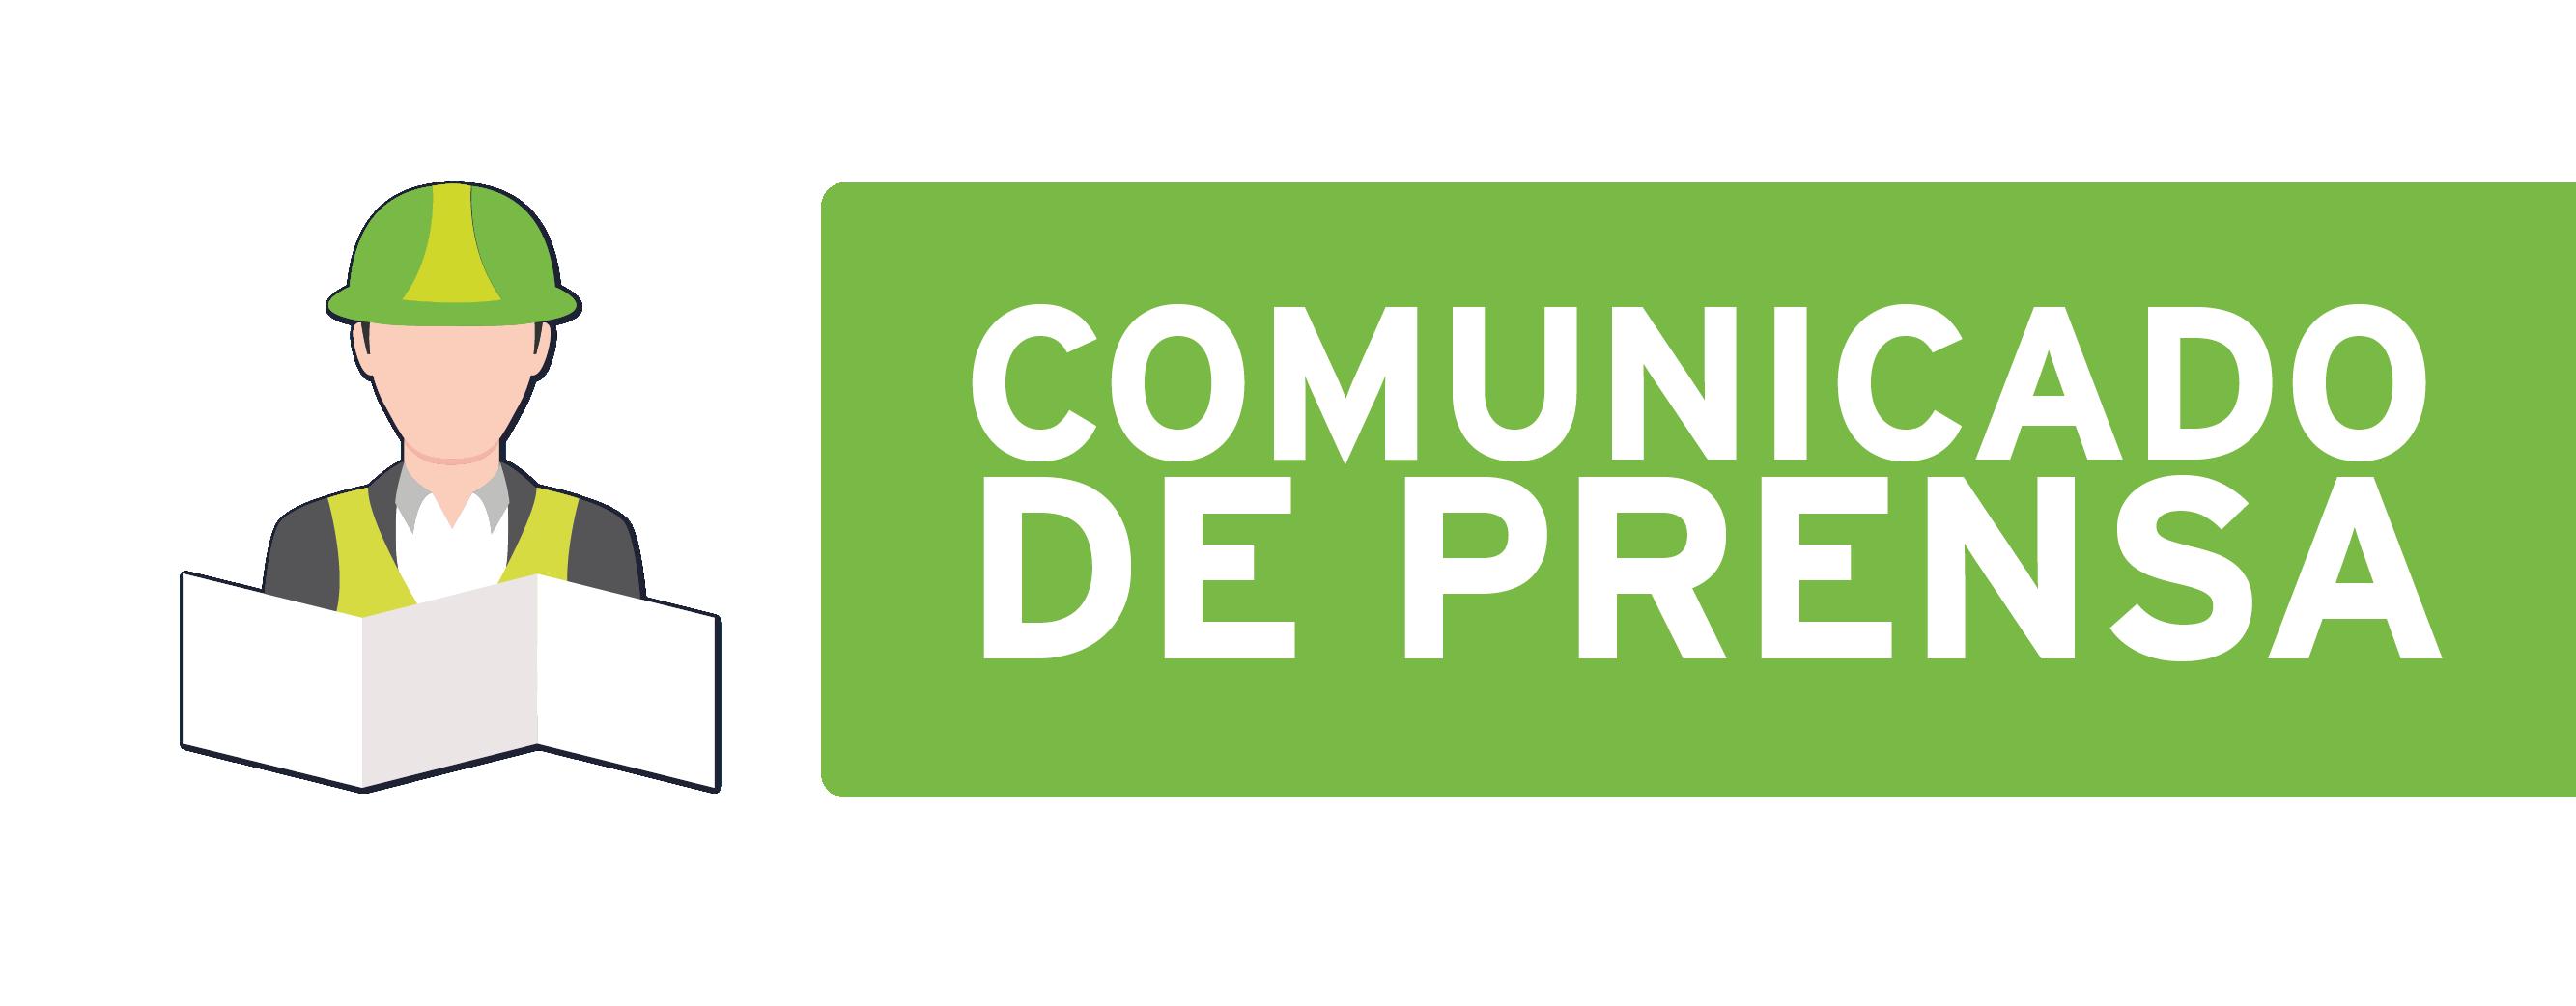 Comunicado de prensa: Inicio de Obras Sierra Flor | Autopistas de la ...